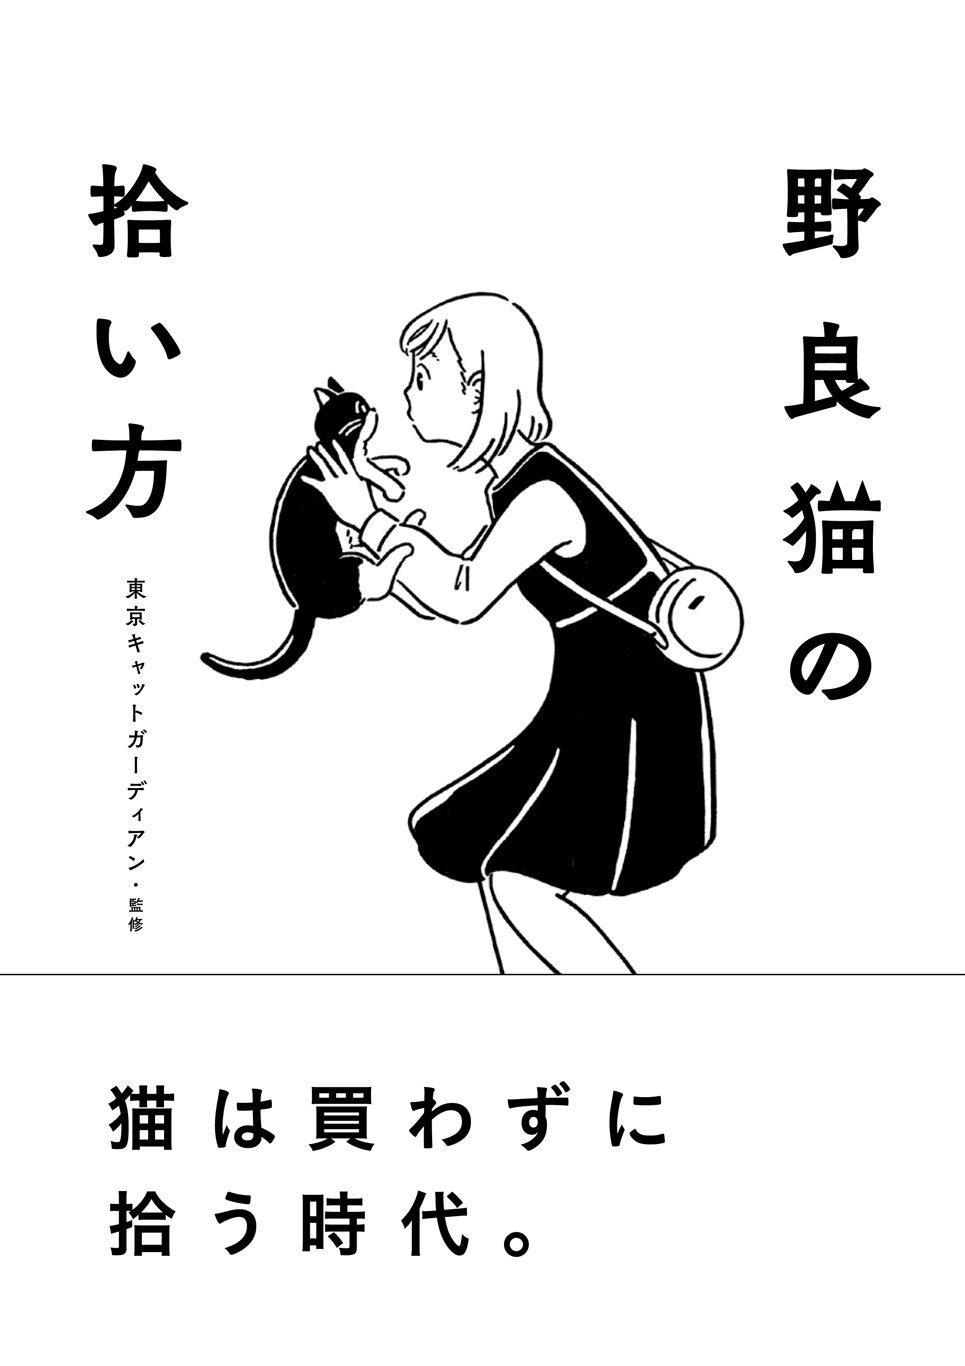 加藤由季さんの画像その2